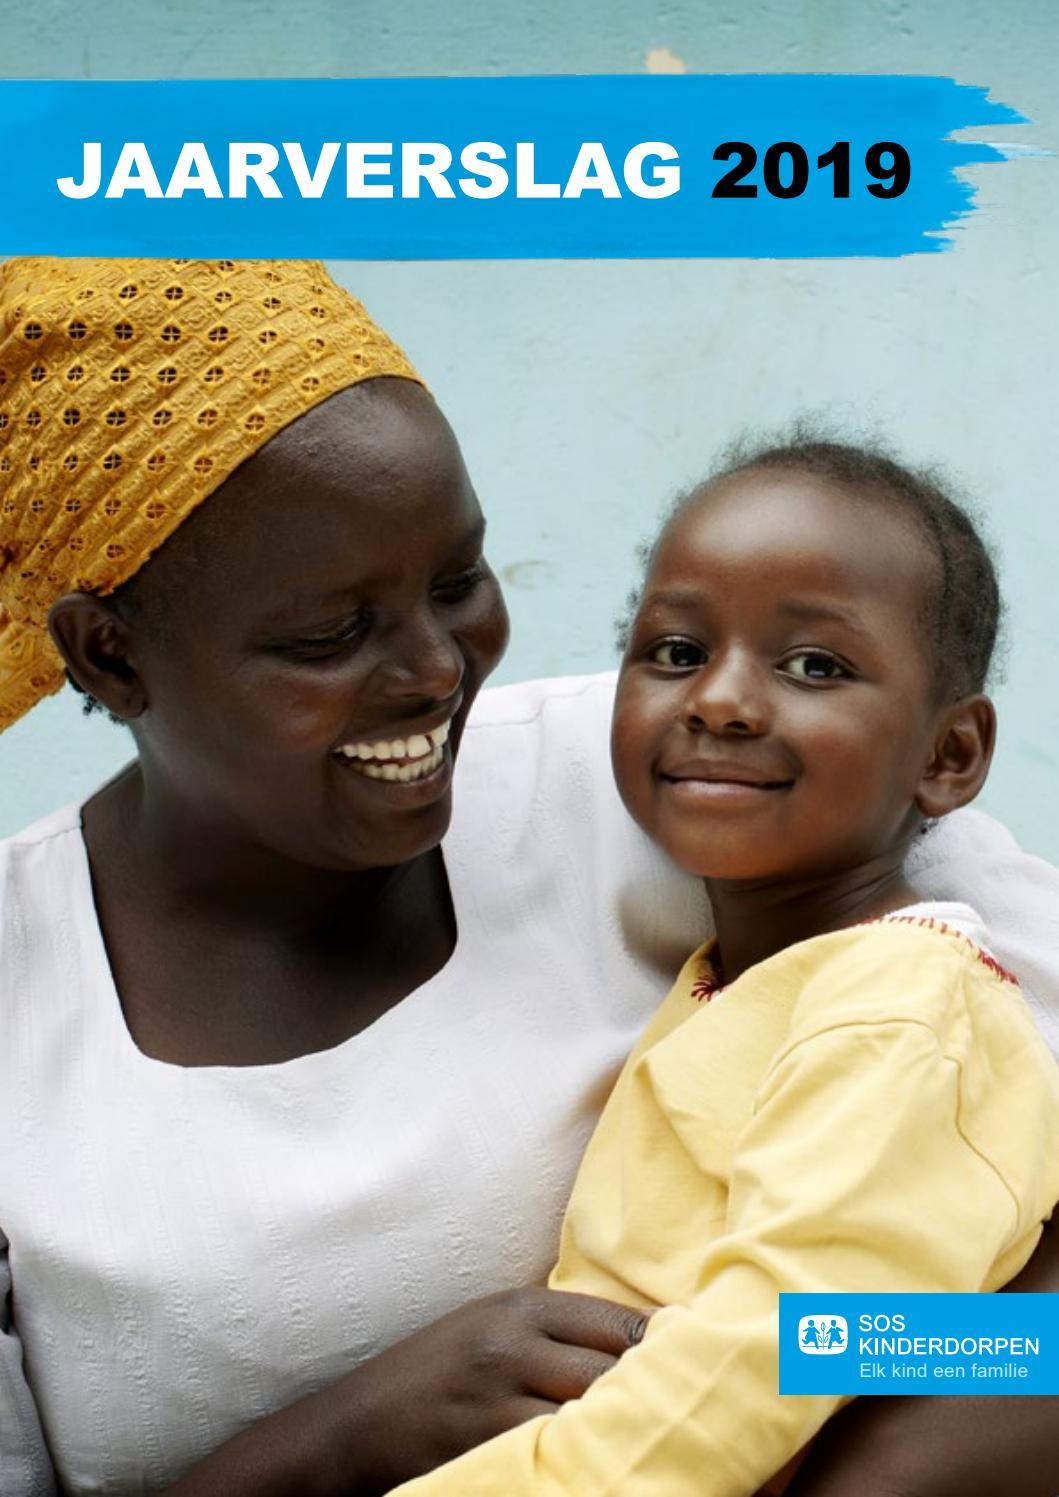 Sos Kinderdorpen Jaarverslag 2019 By Sos Kinderdorpen Nederland Issuu